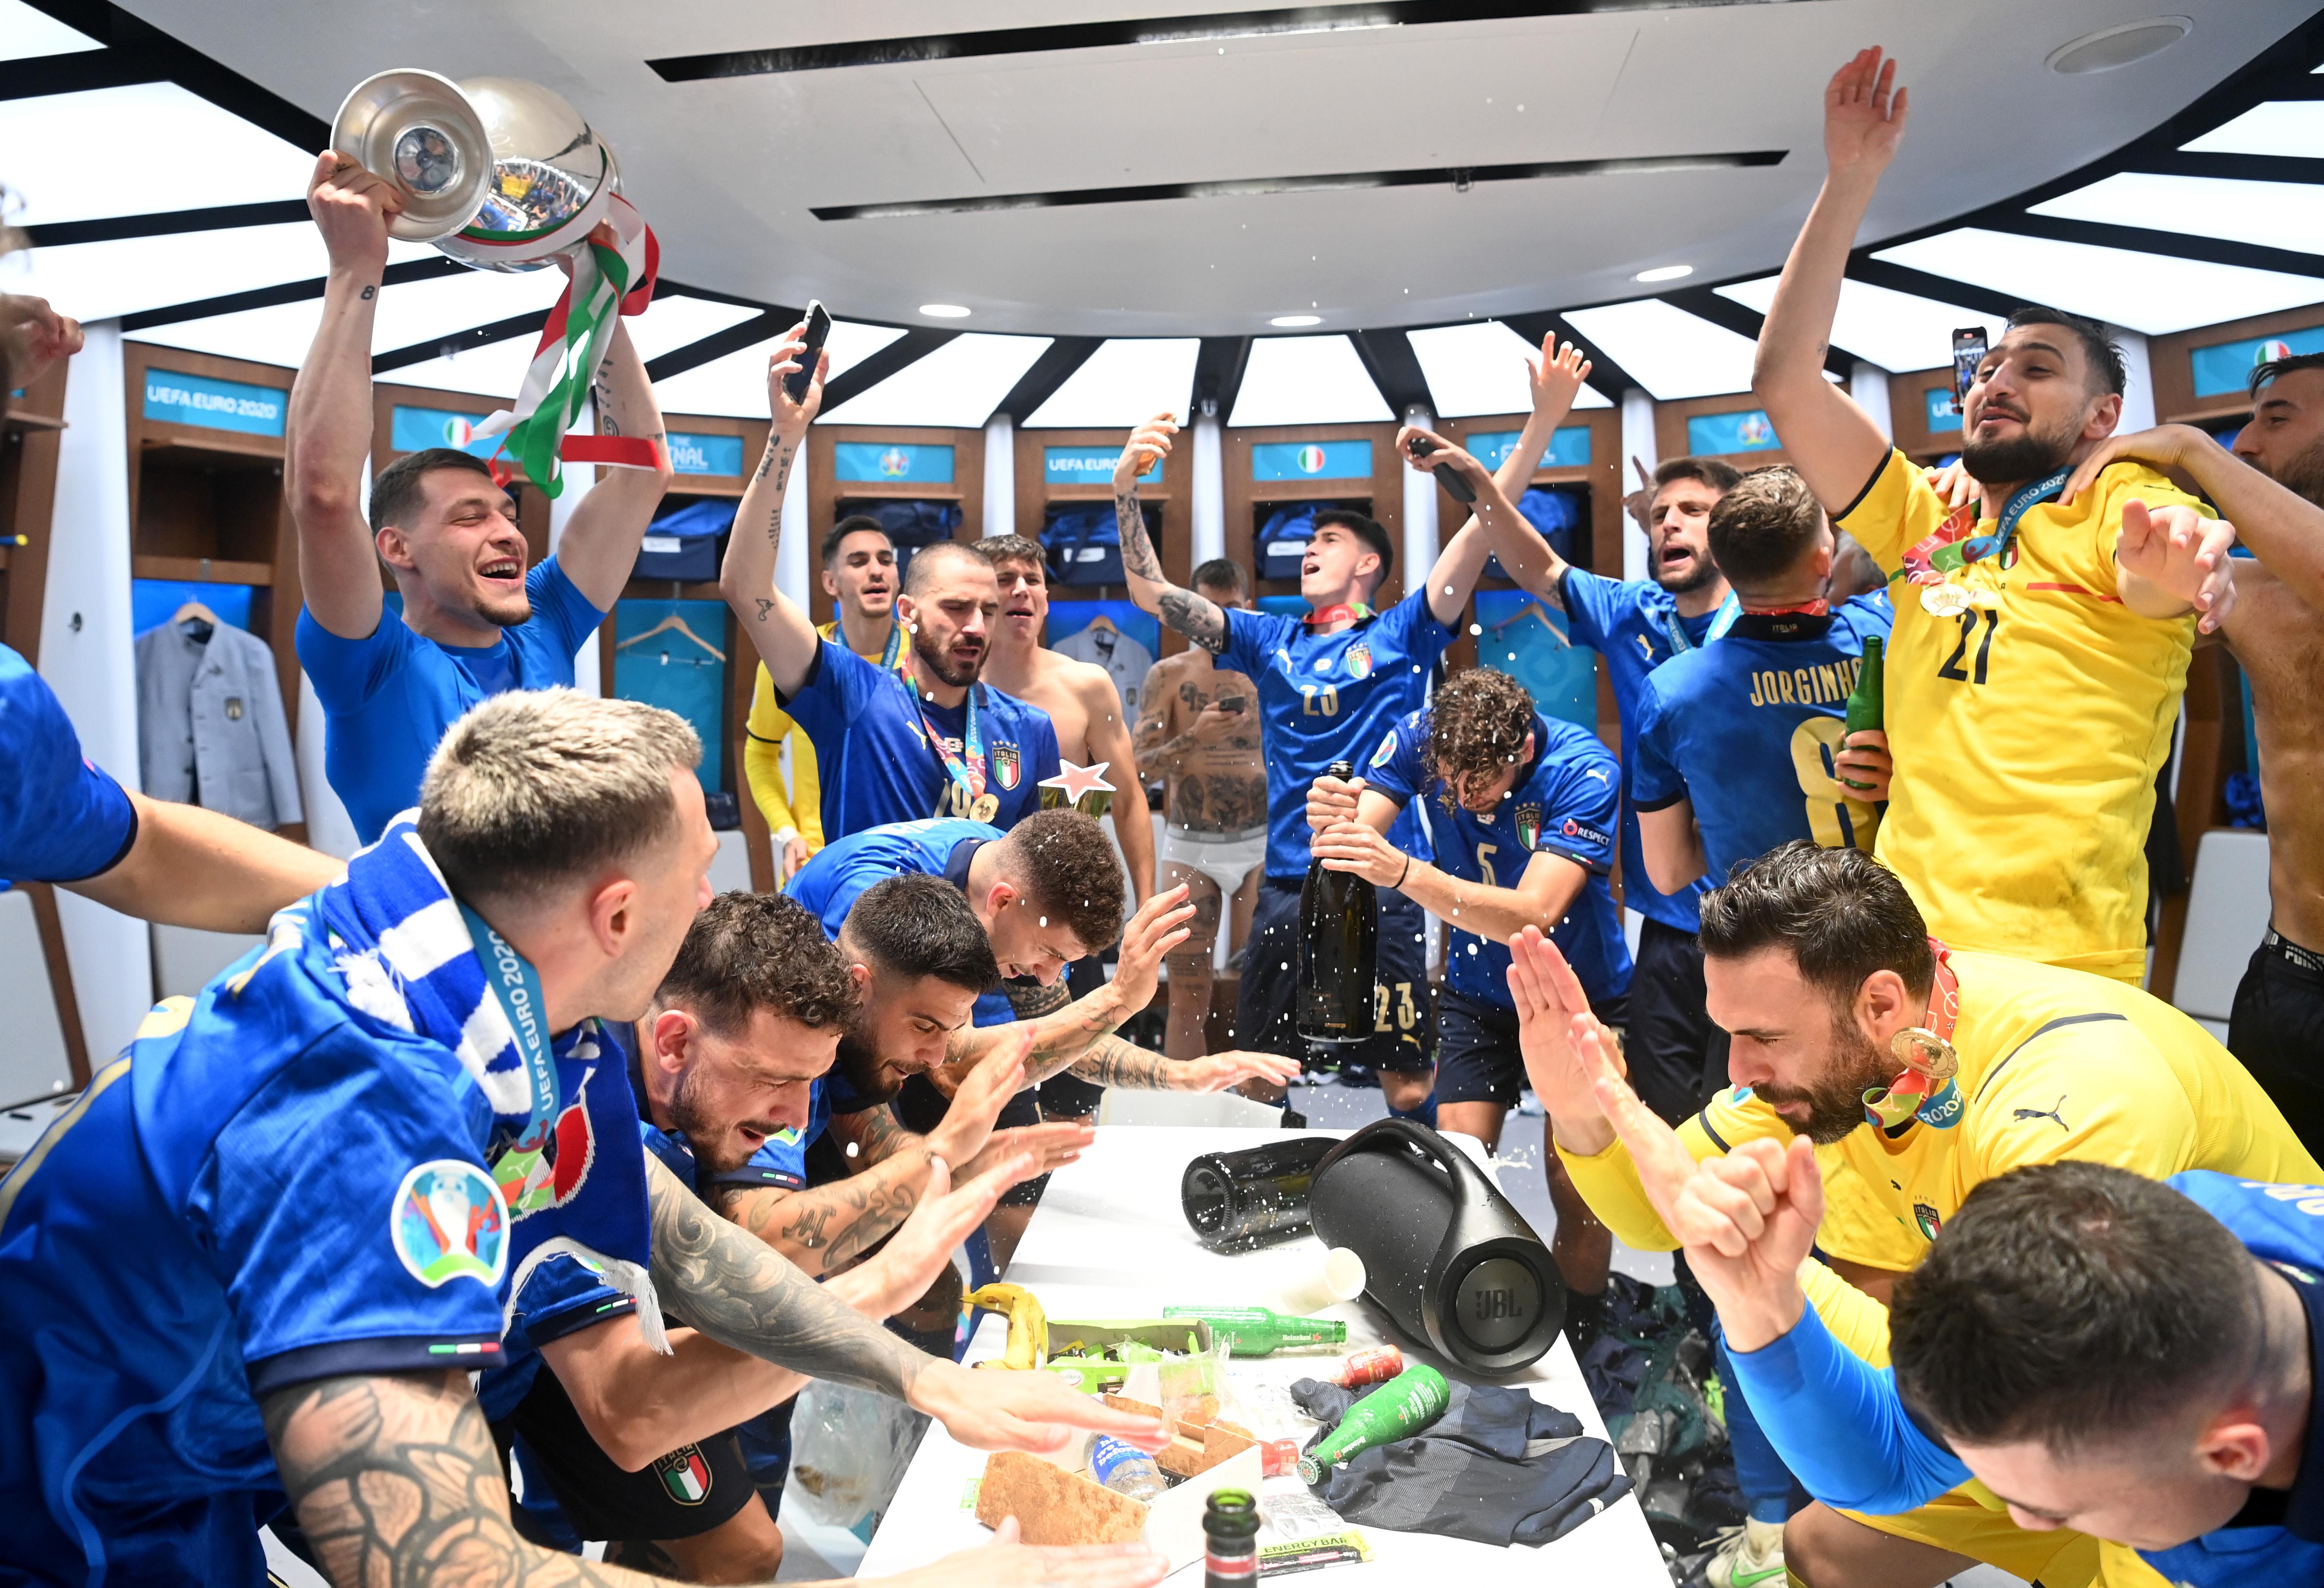 意大利全队在更衣室庆祝。